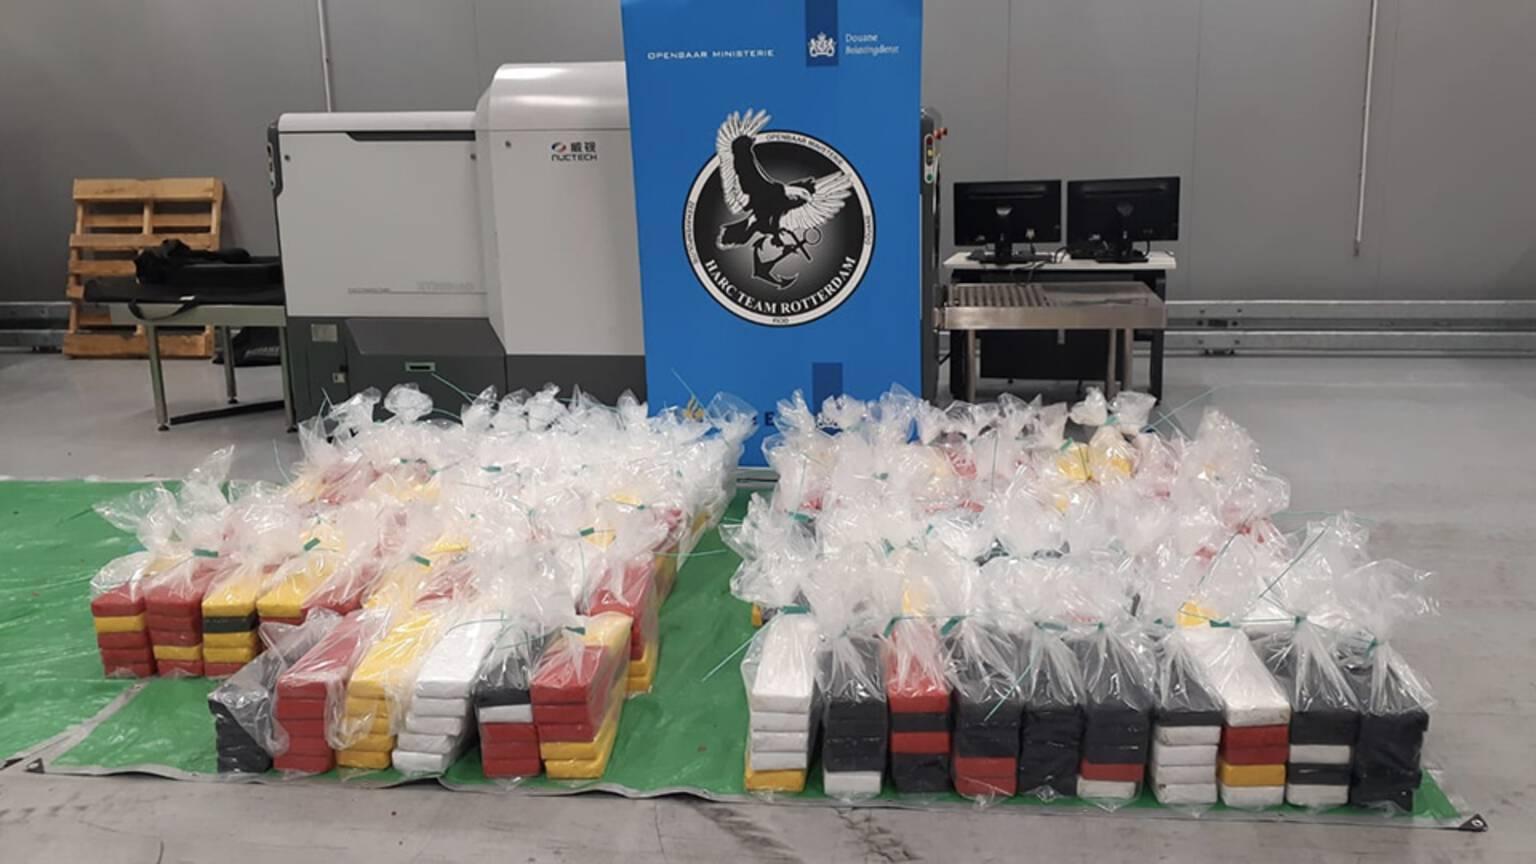 Eerder onderschepte de douane 1064 kilo cocaïne. (Foto Douane)